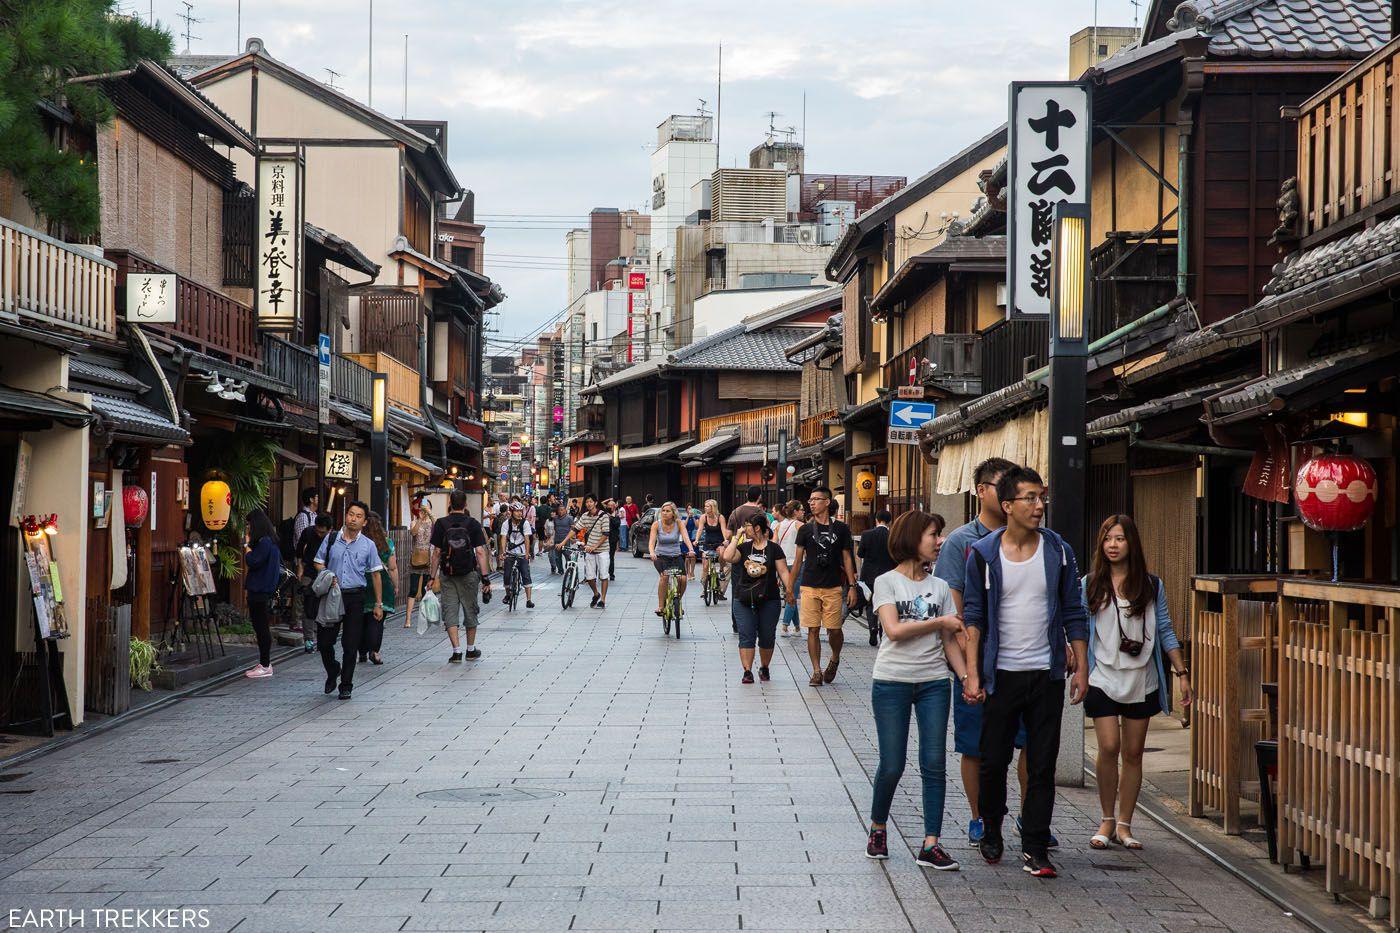 Hanamikoji Kyoto